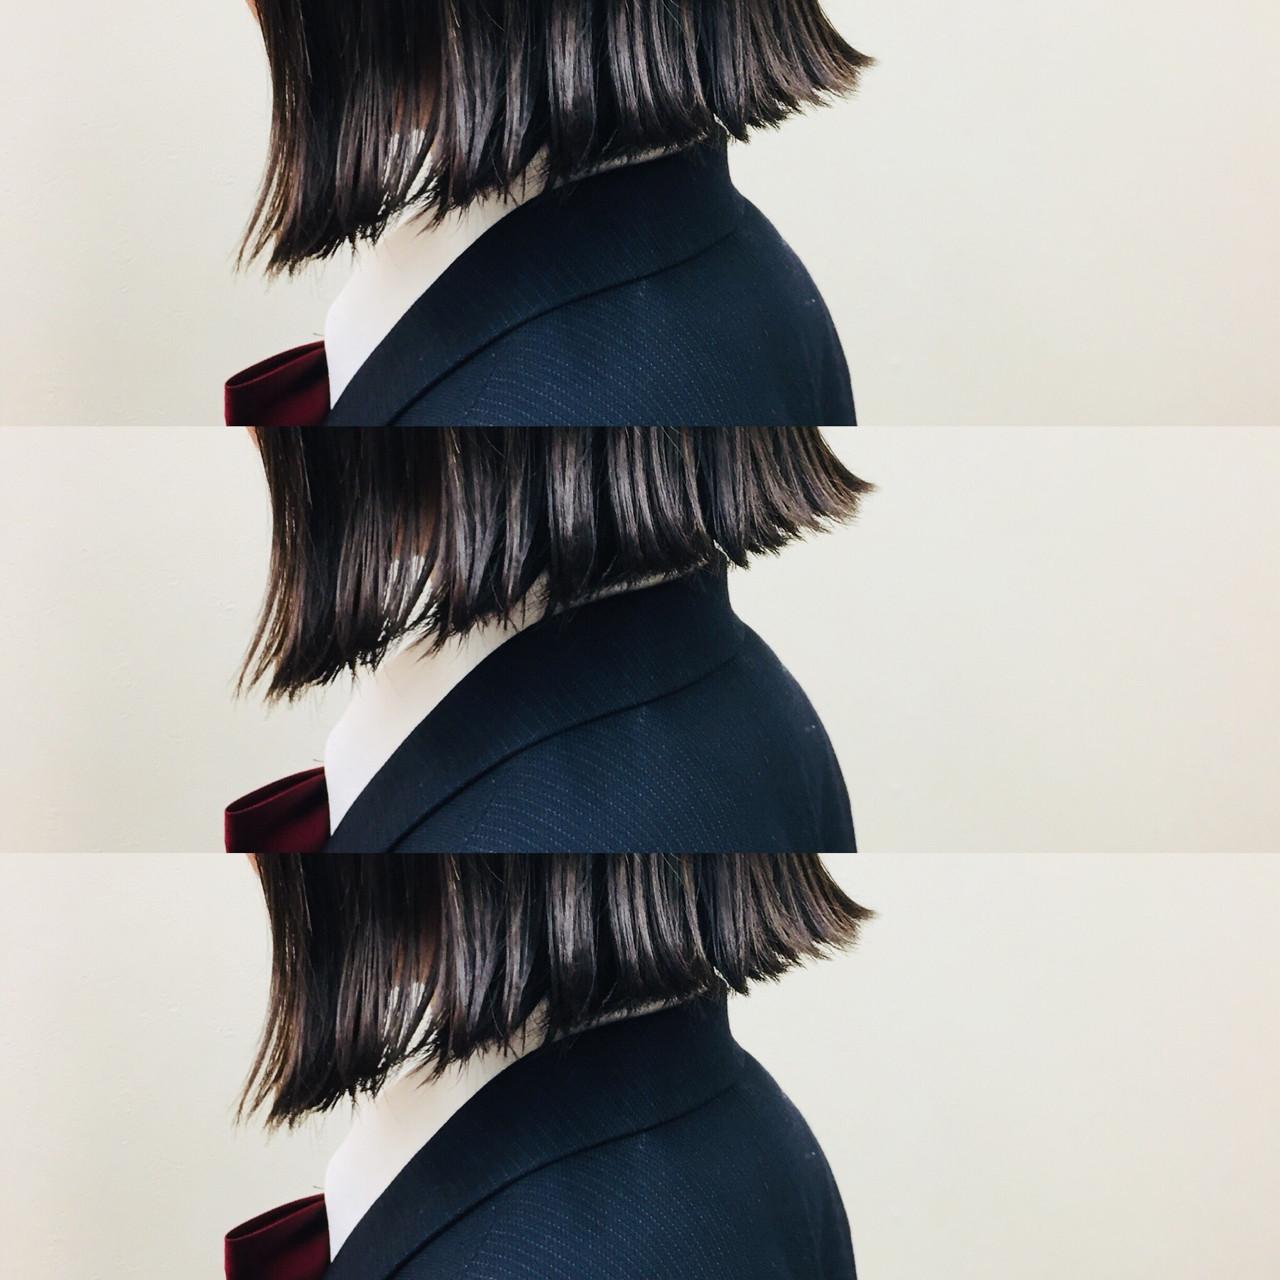 外ハネ 時短 切りっぱなし ボブ ヘアスタイルや髪型の写真・画像